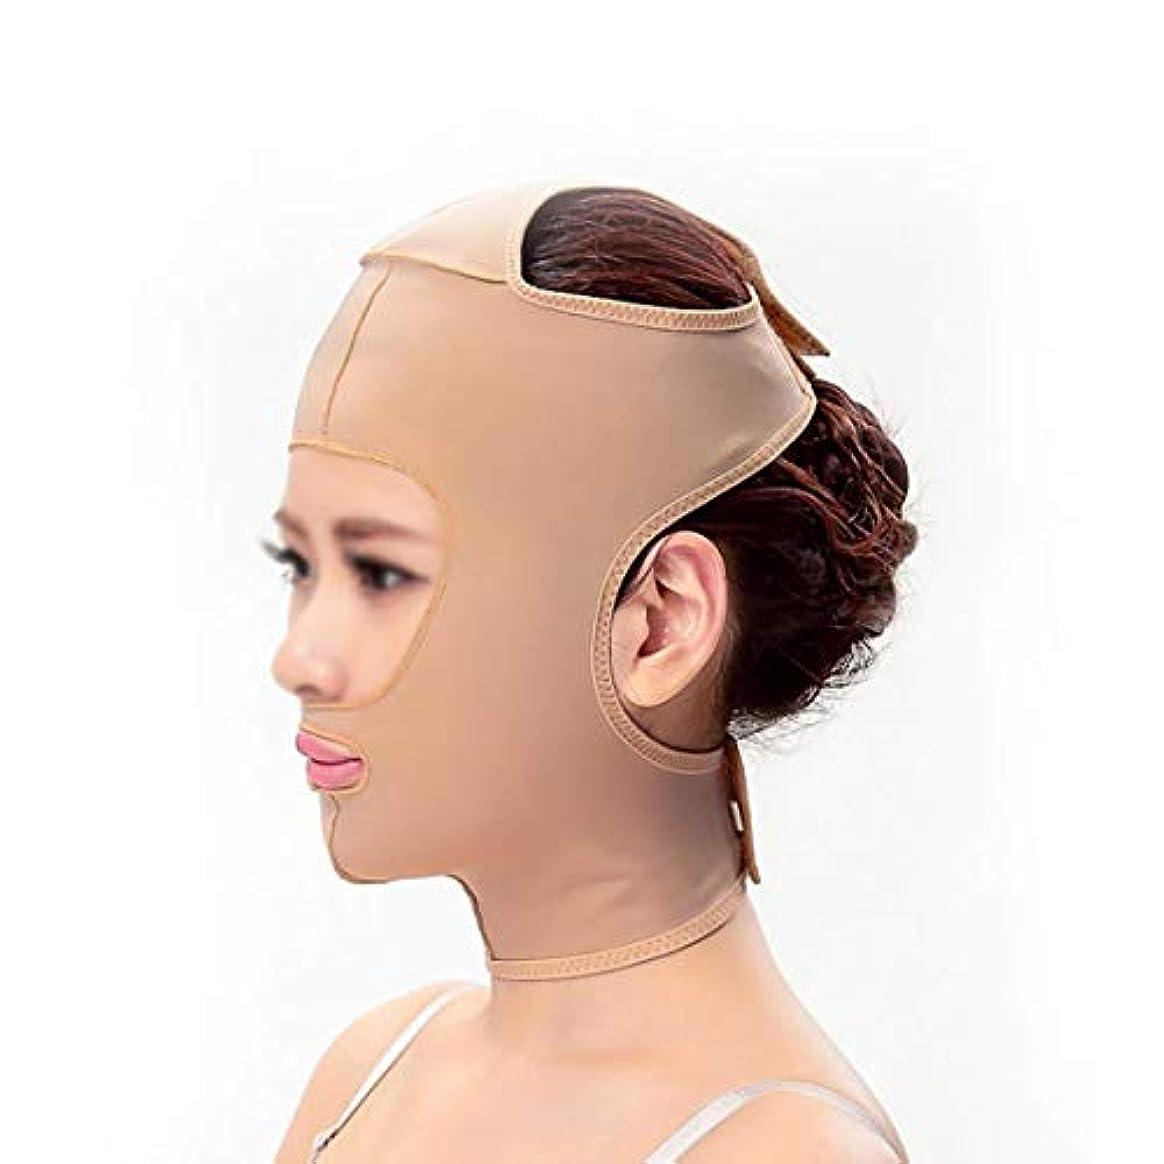 丘肥沃なクロールスリミングベルト、二重あごの引き締め顔面プラスチックフェイスアーティファクト強力なフェイスバンデージをサイズアップするために顔面マスクシンフェイスマスク,XXL